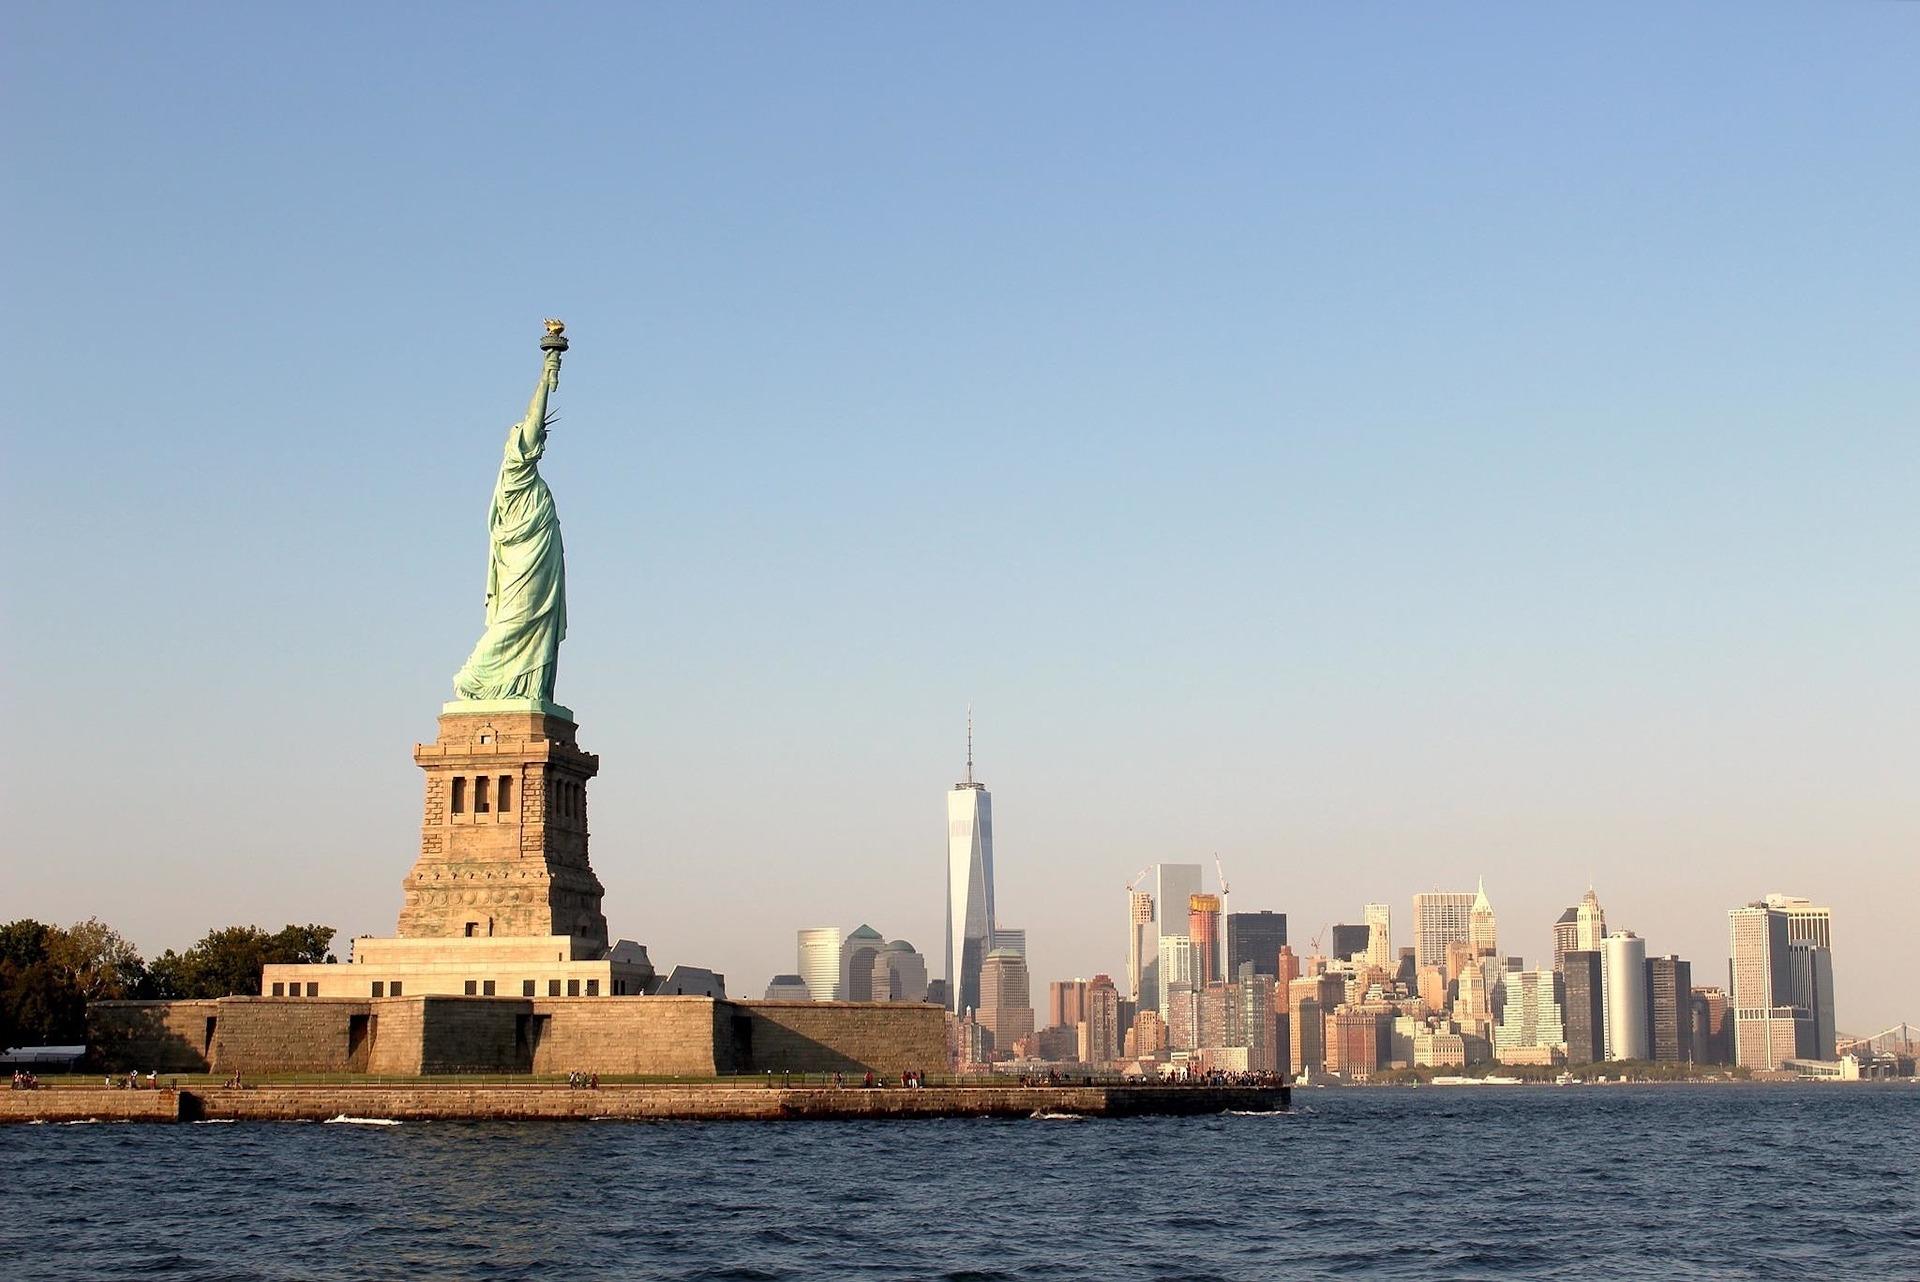 La France offre une deuxième Statue de la Liberté aux Etats-Unis